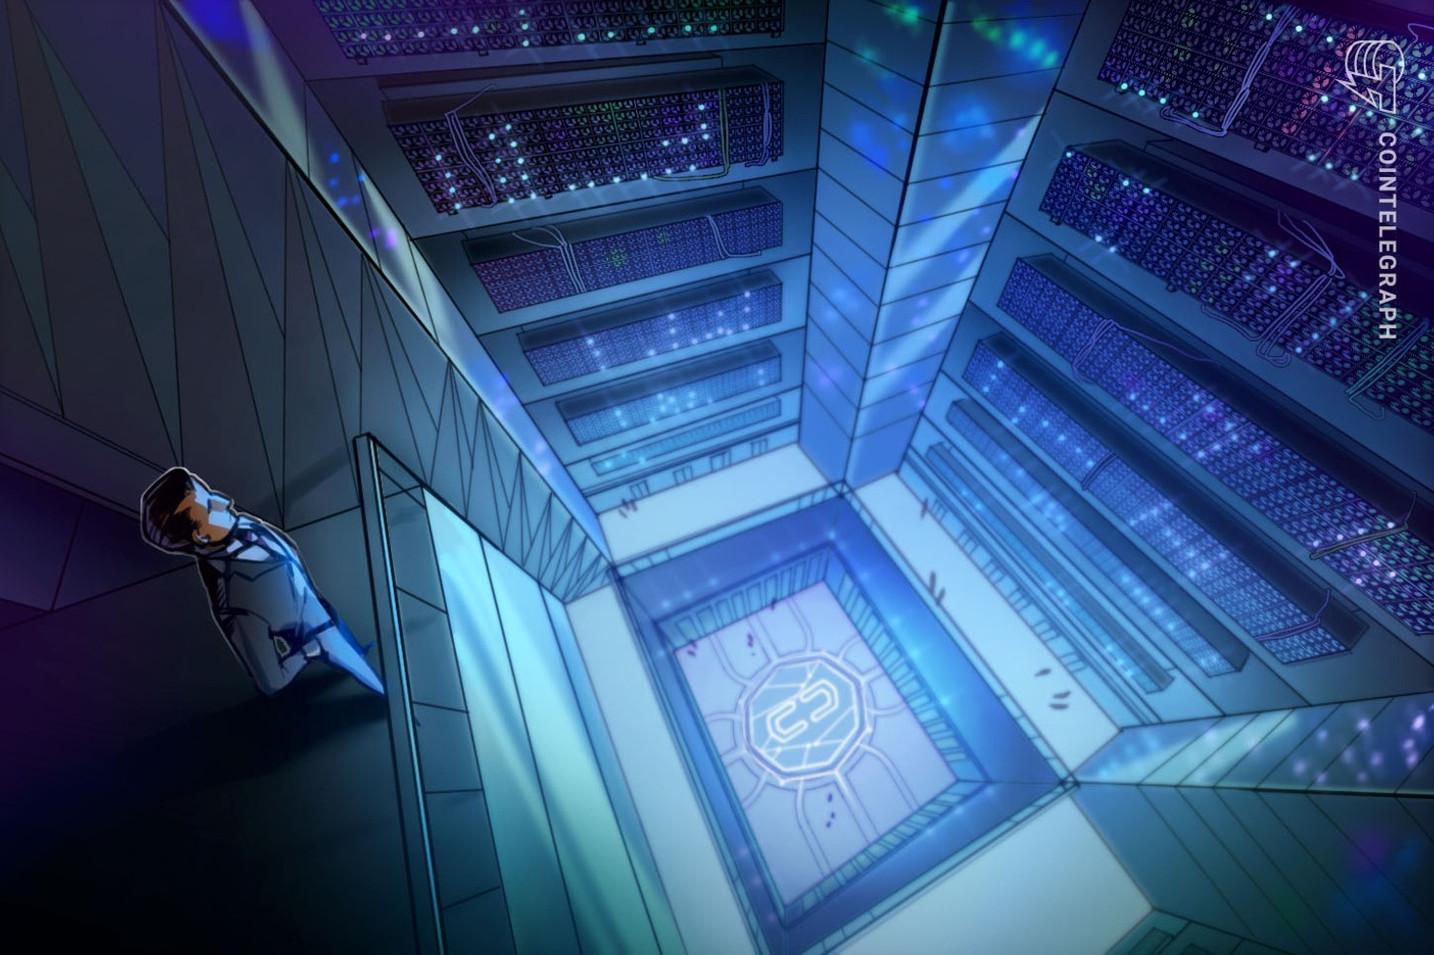 世界最大規模の仮想通貨ビットコインマイニング施設、ビットメインが運営パートナーと契約解消【ニュース】